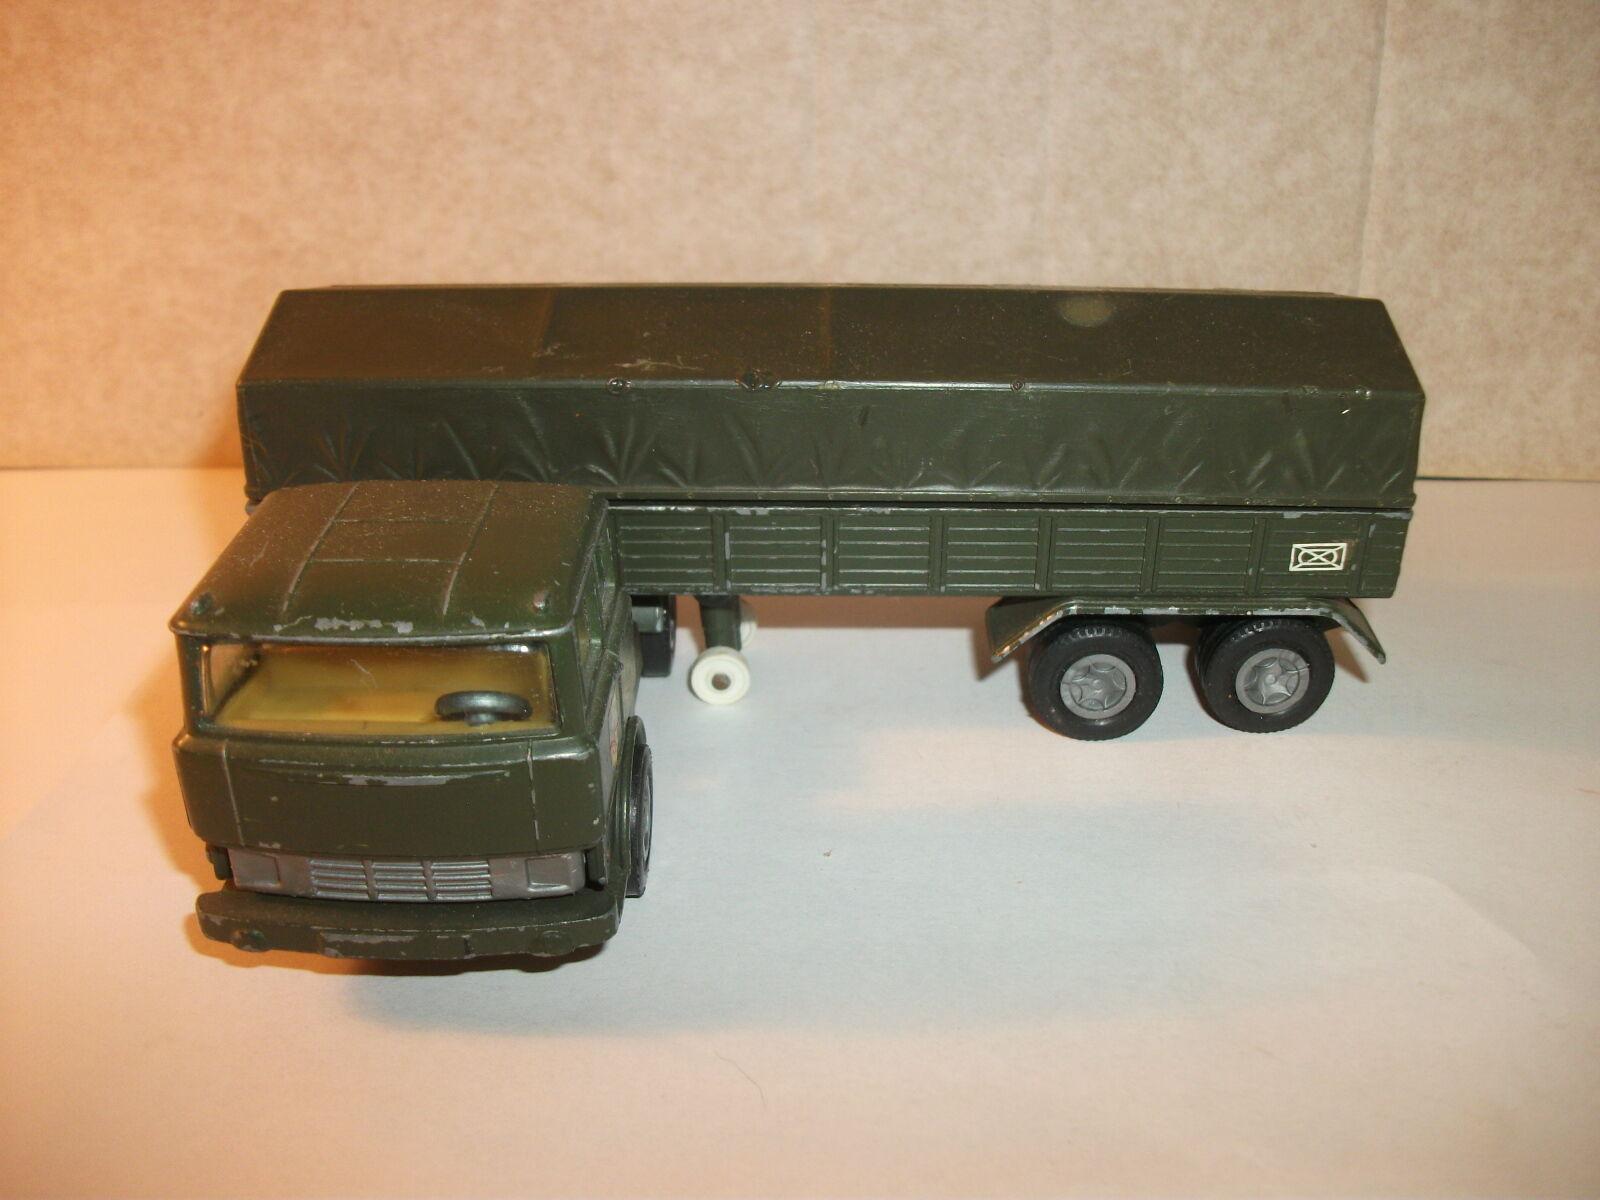 Gama-Mini-Camion Gama-Mini-Camion Gama-Mini-Camion 94eaa4